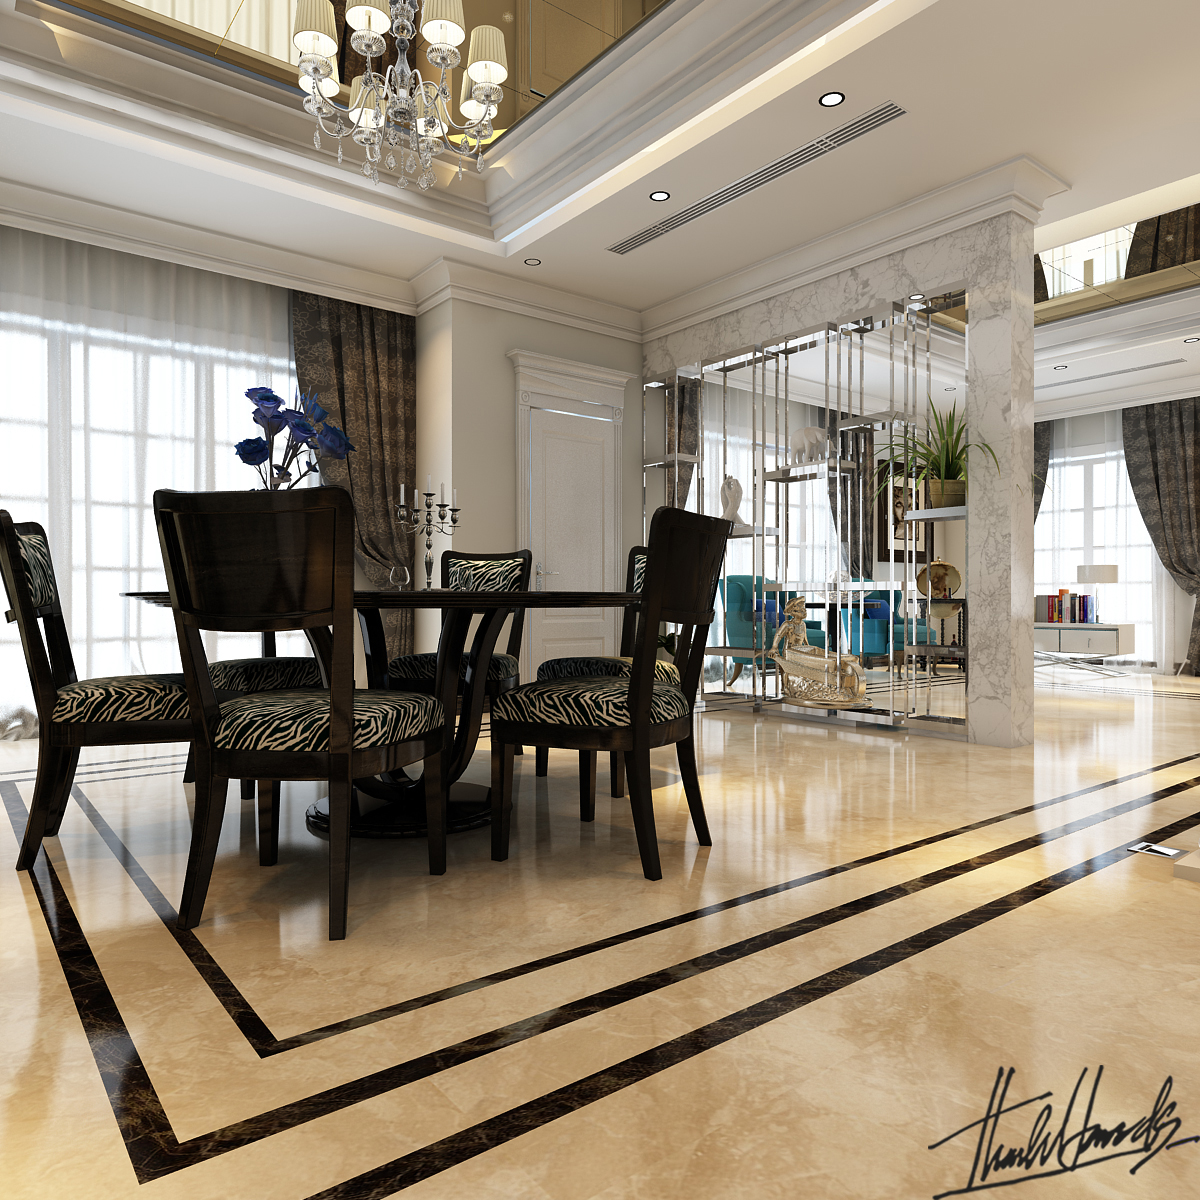 thiết kế nội thất Biệt Thự tại Hà Nội Biệt thự - Việt Hưng  9 1568273819